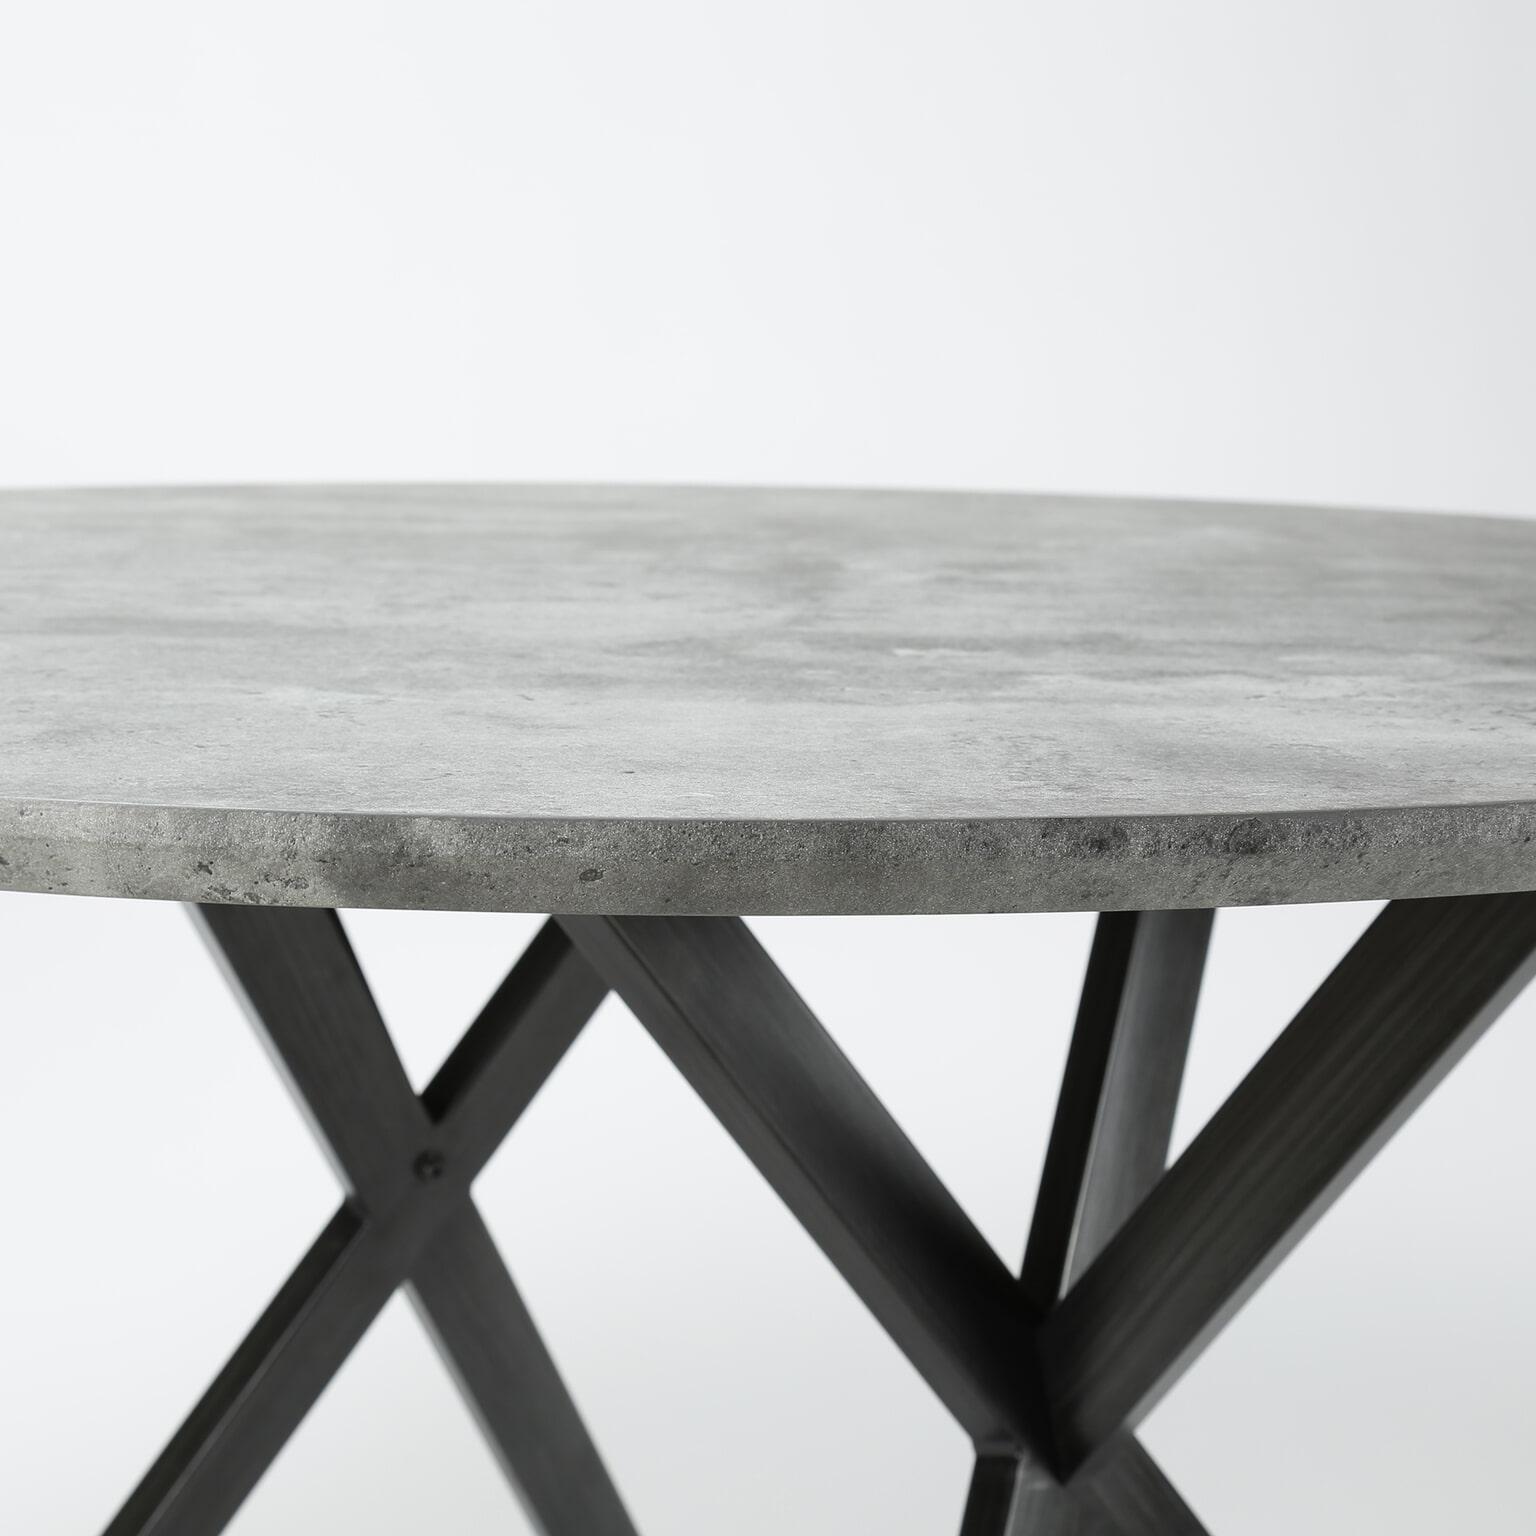 Grijze Vierkante Eettafel.Ronde Eettafel Nola 120 Cm 3d Betonlook Kleur Grijs